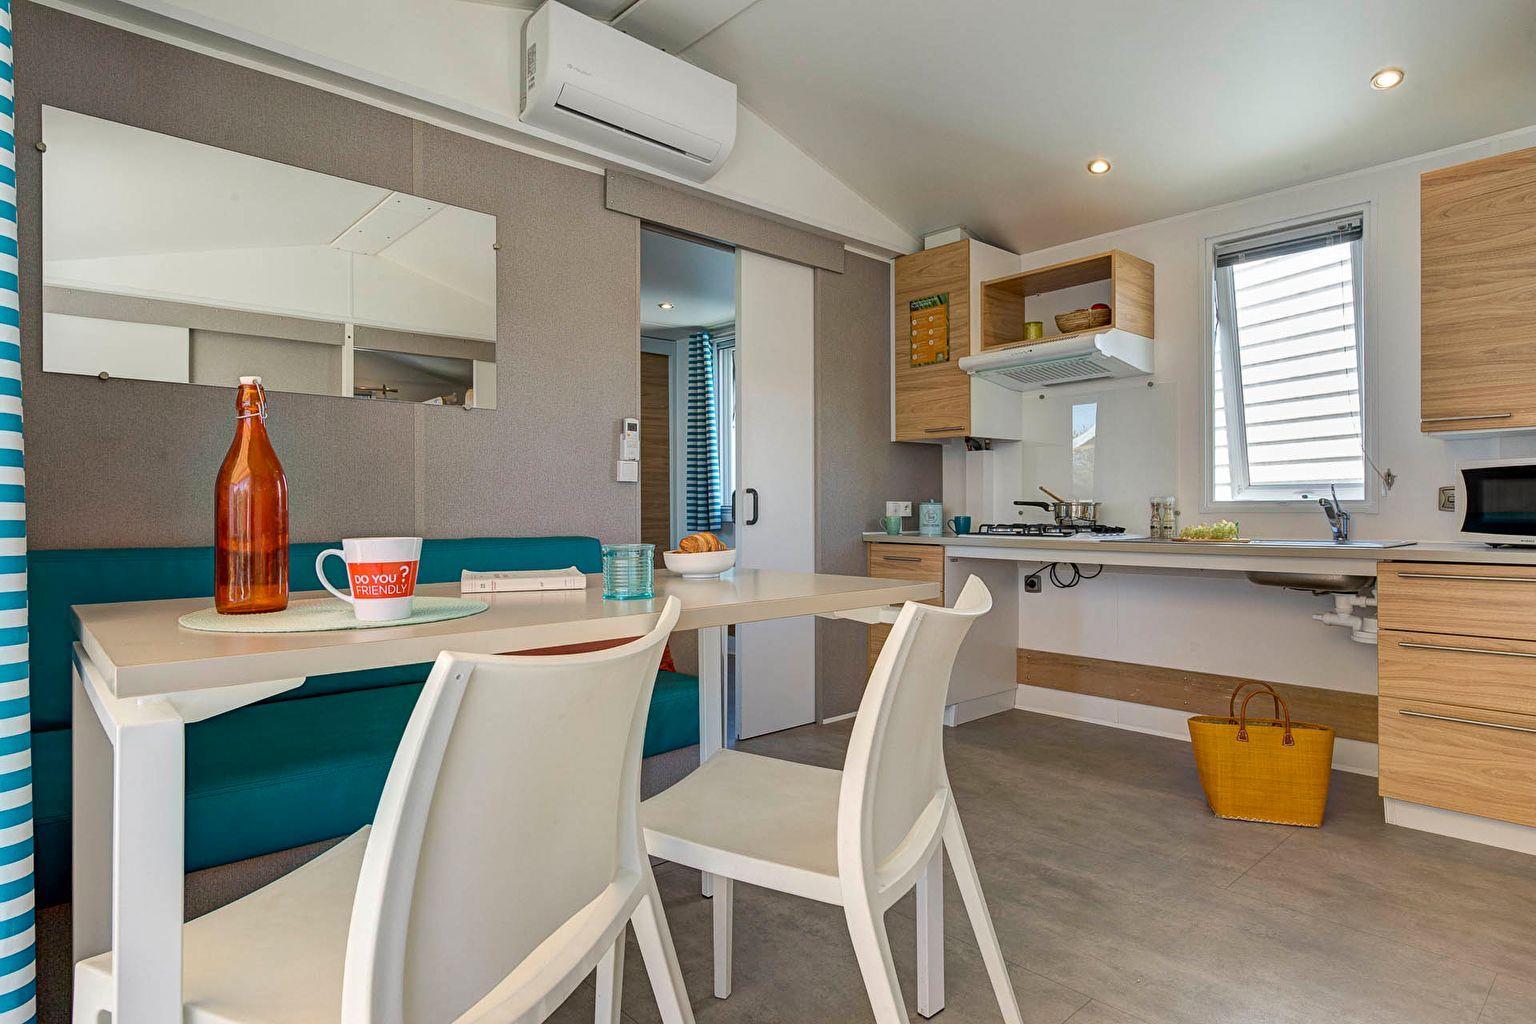 Location - Cottage 2 Chambres *** Adapté Aux Personnes À Mobilité Réduite - Camping Sandaya Les Tamaris